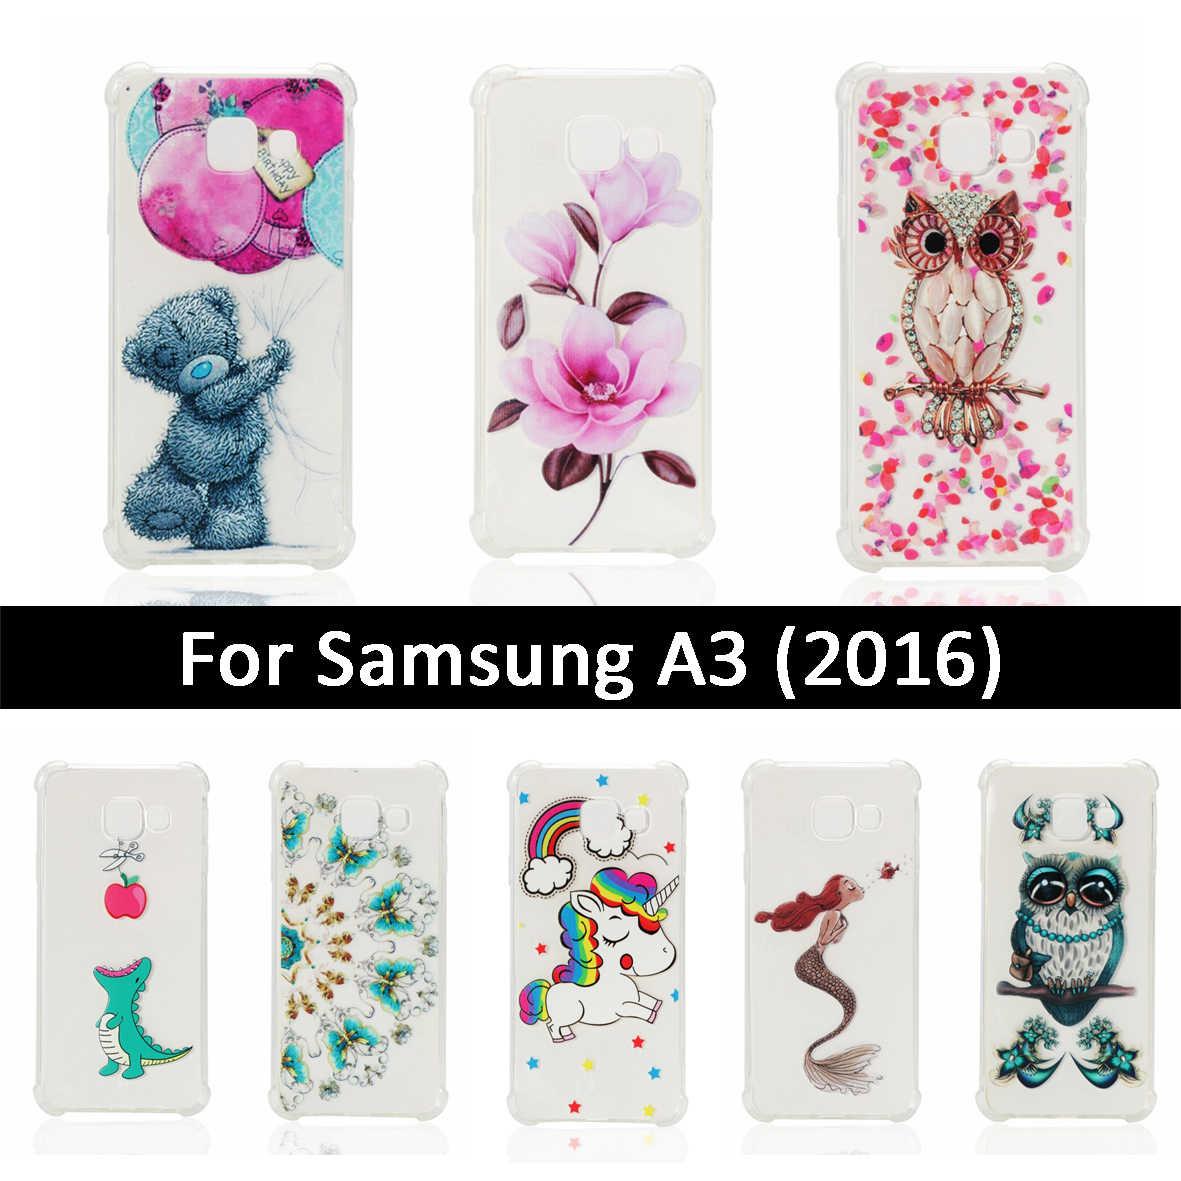 ТПУ чехол для Samsung Galaxy A3 2016 A310 A310F противоударный мягкий силиконовый милый чехол Fundas для Samsung A3 A 3 310 310F Чехлы Capa